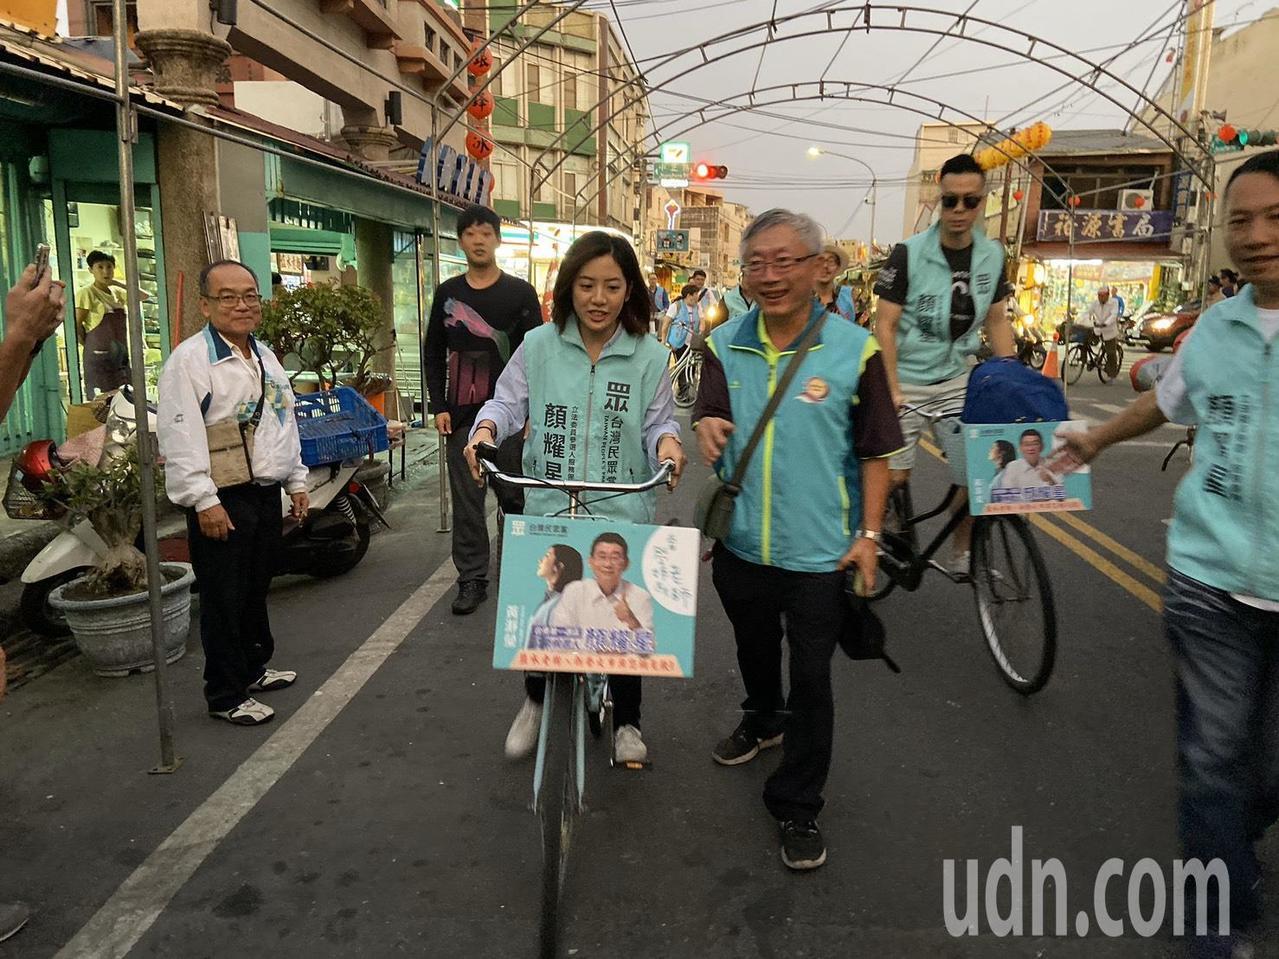 台北市副发言人「学姐」黄瀞莹今天现身台南盐水市区骑自行车。图/读者提供